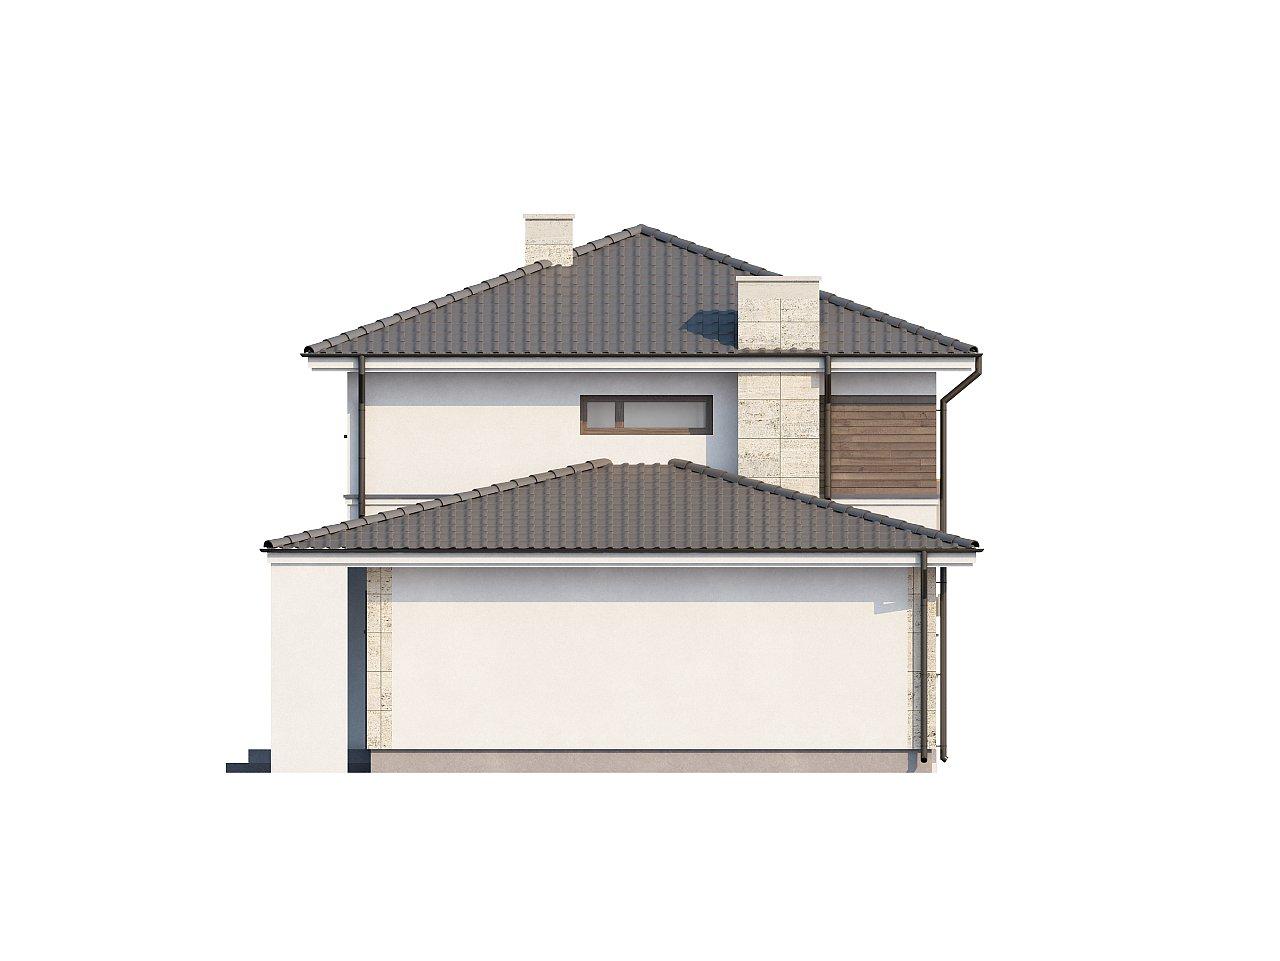 Двухэтажный современный дом с многоскатной низкой крышей, с гостиной с фронтальной стороны. - фото 6